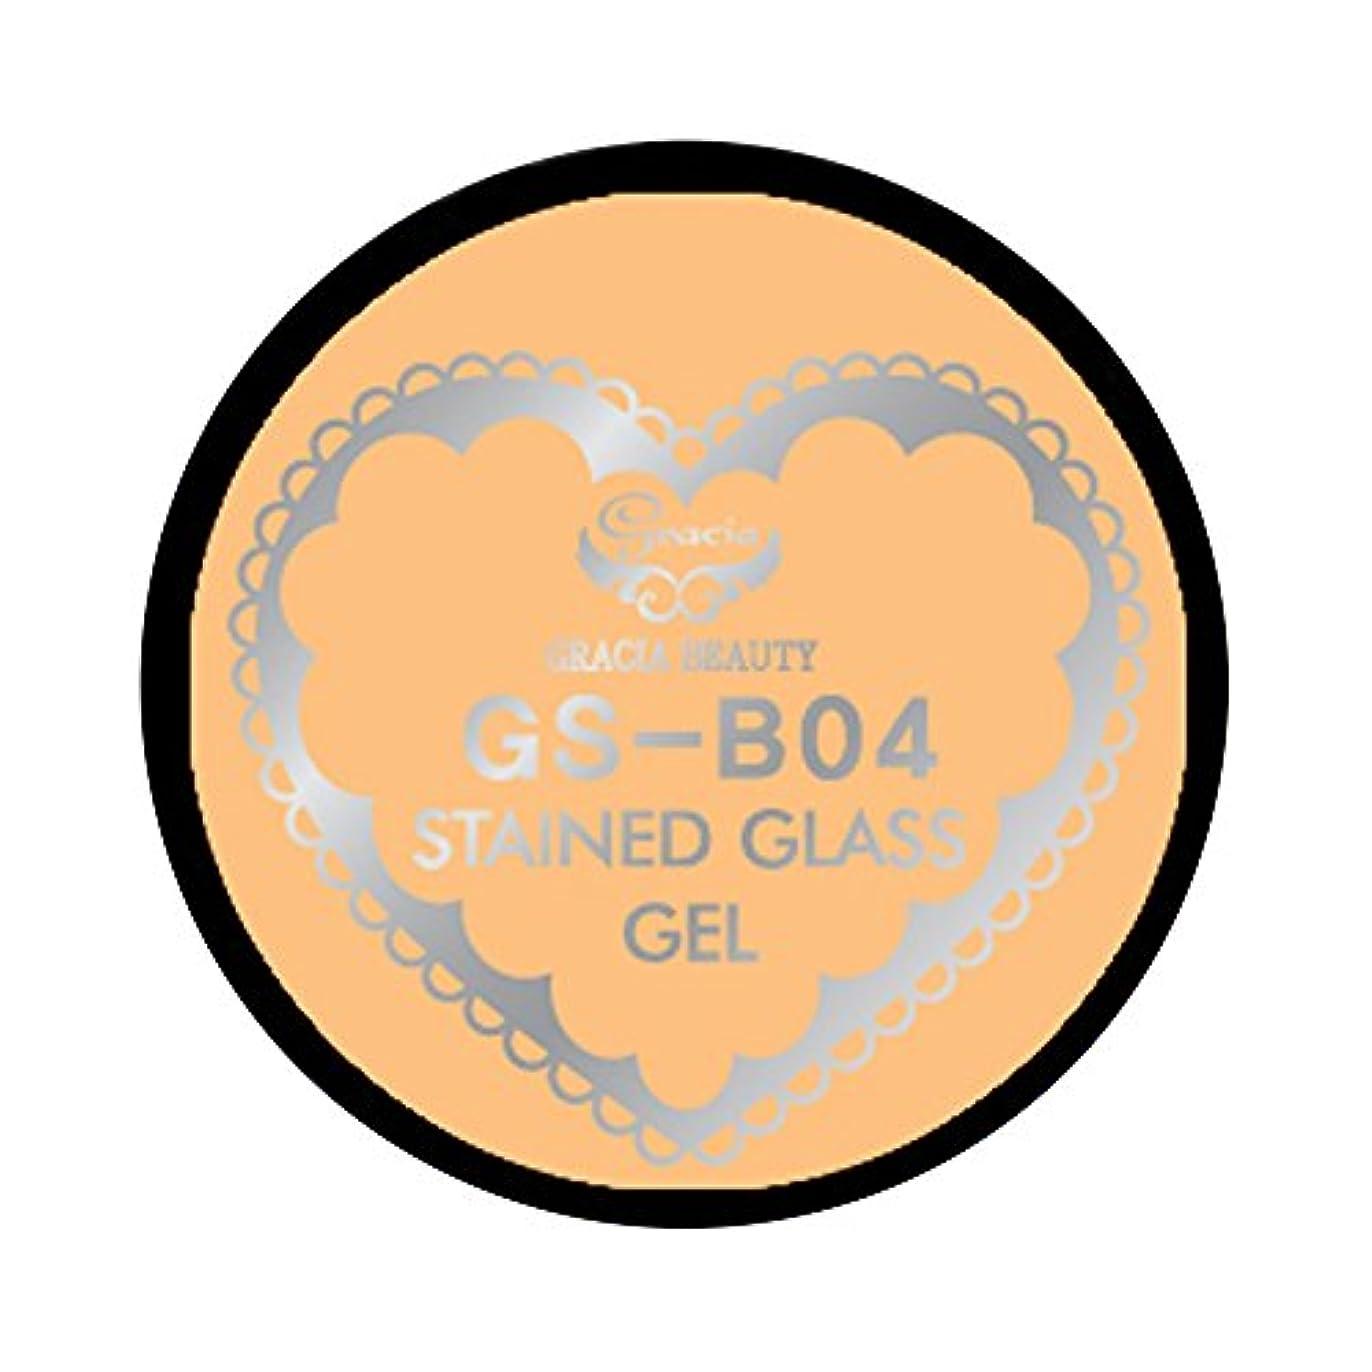 リスクどこにもナサニエル区グラシア ジェルネイル ステンドグラスジェル GSM-B04 3g  ベーシック UV/LED対応 カラージェル ソークオフジェル ガラスのような透明感